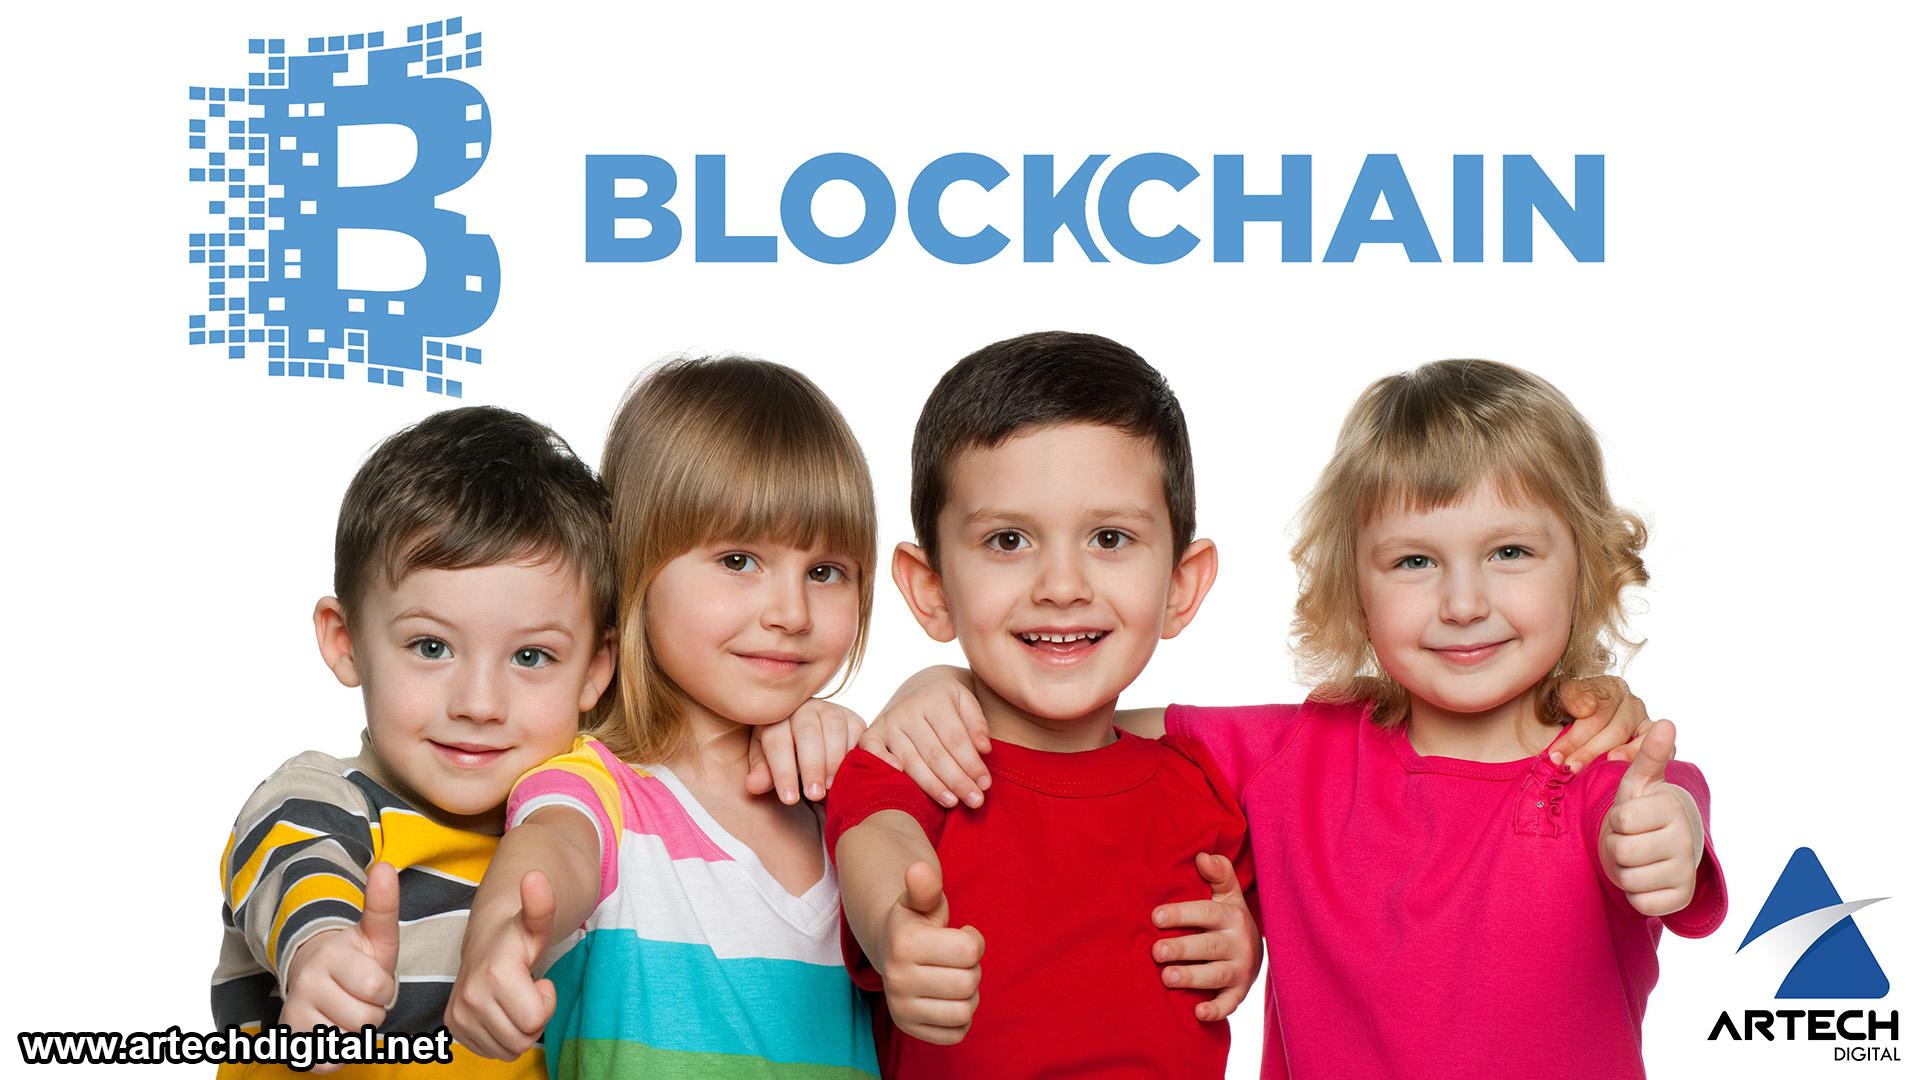 Los niños también pertenecen al mundo de la tecnología Blockchain